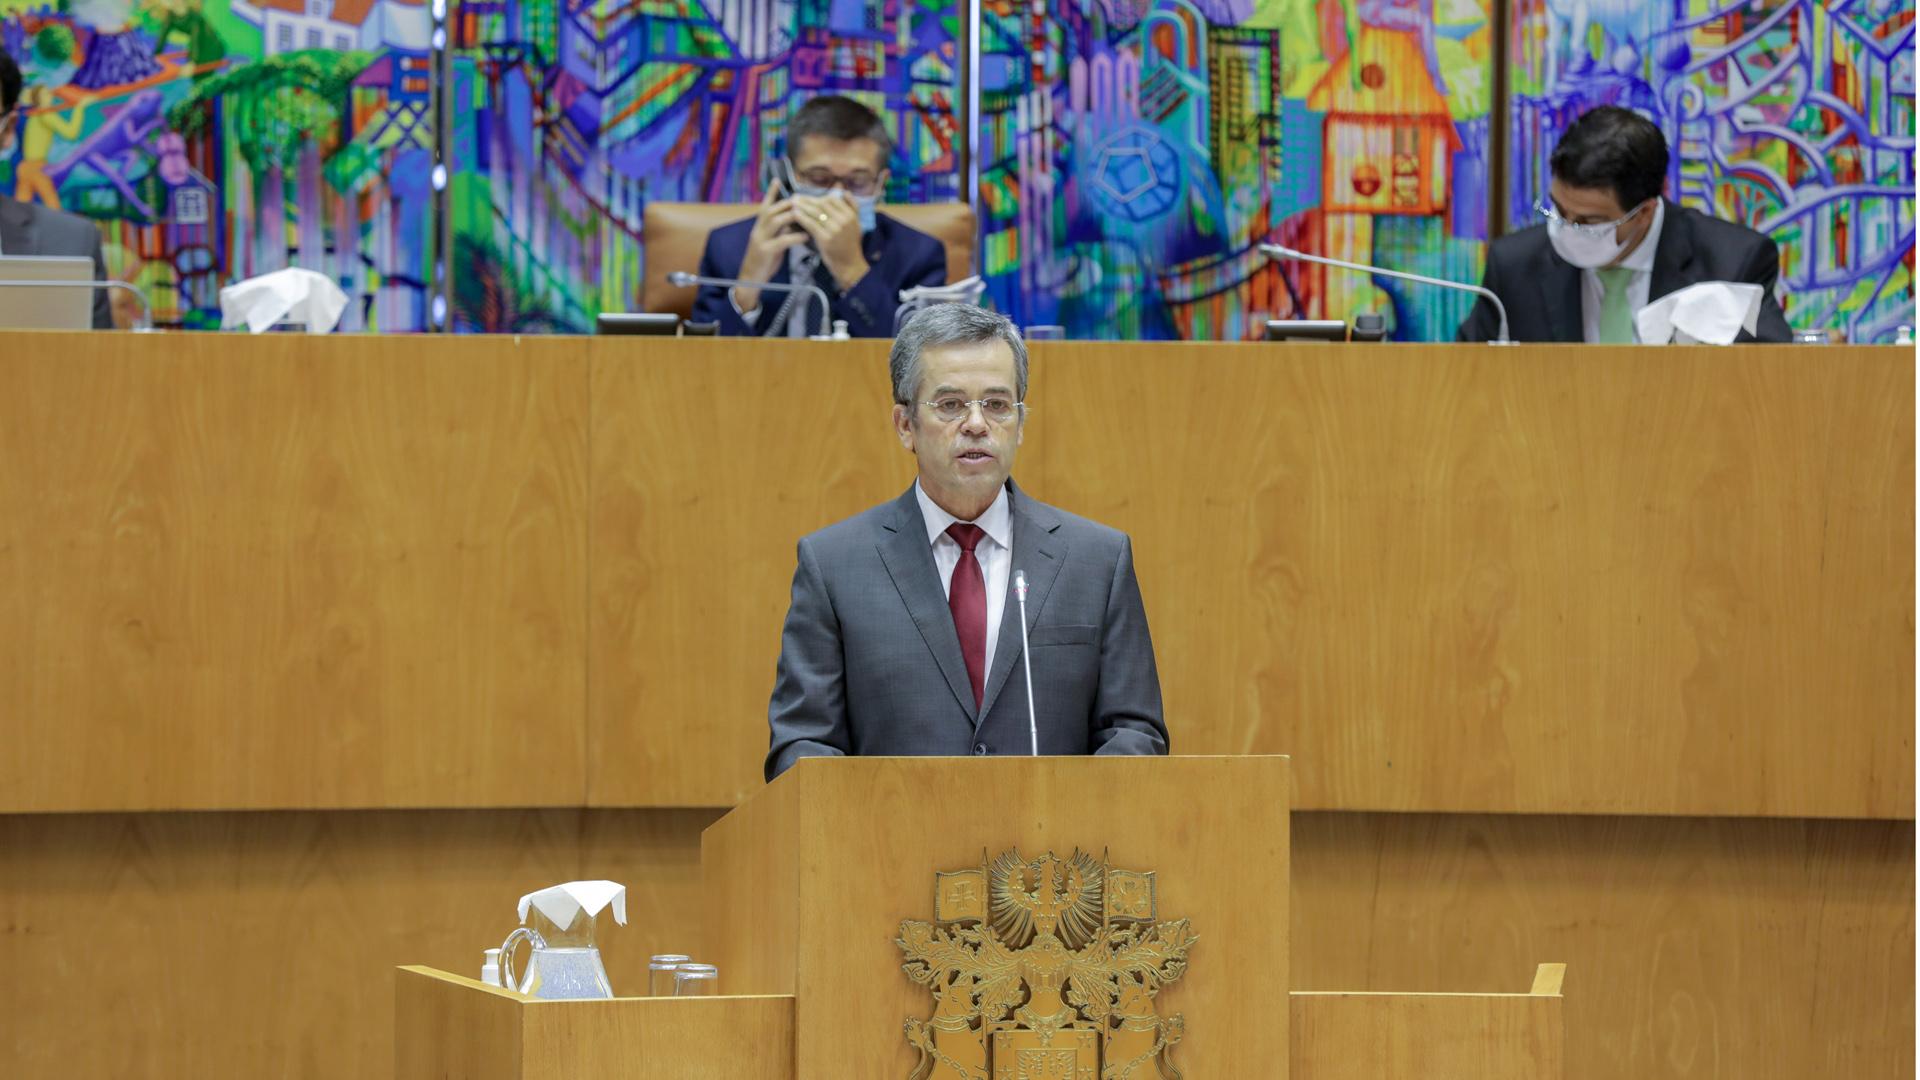 GovernoRegionalquer criar Tarifa Açores para residentes nas ligações interilhas, anuncia Mário Mota Borges